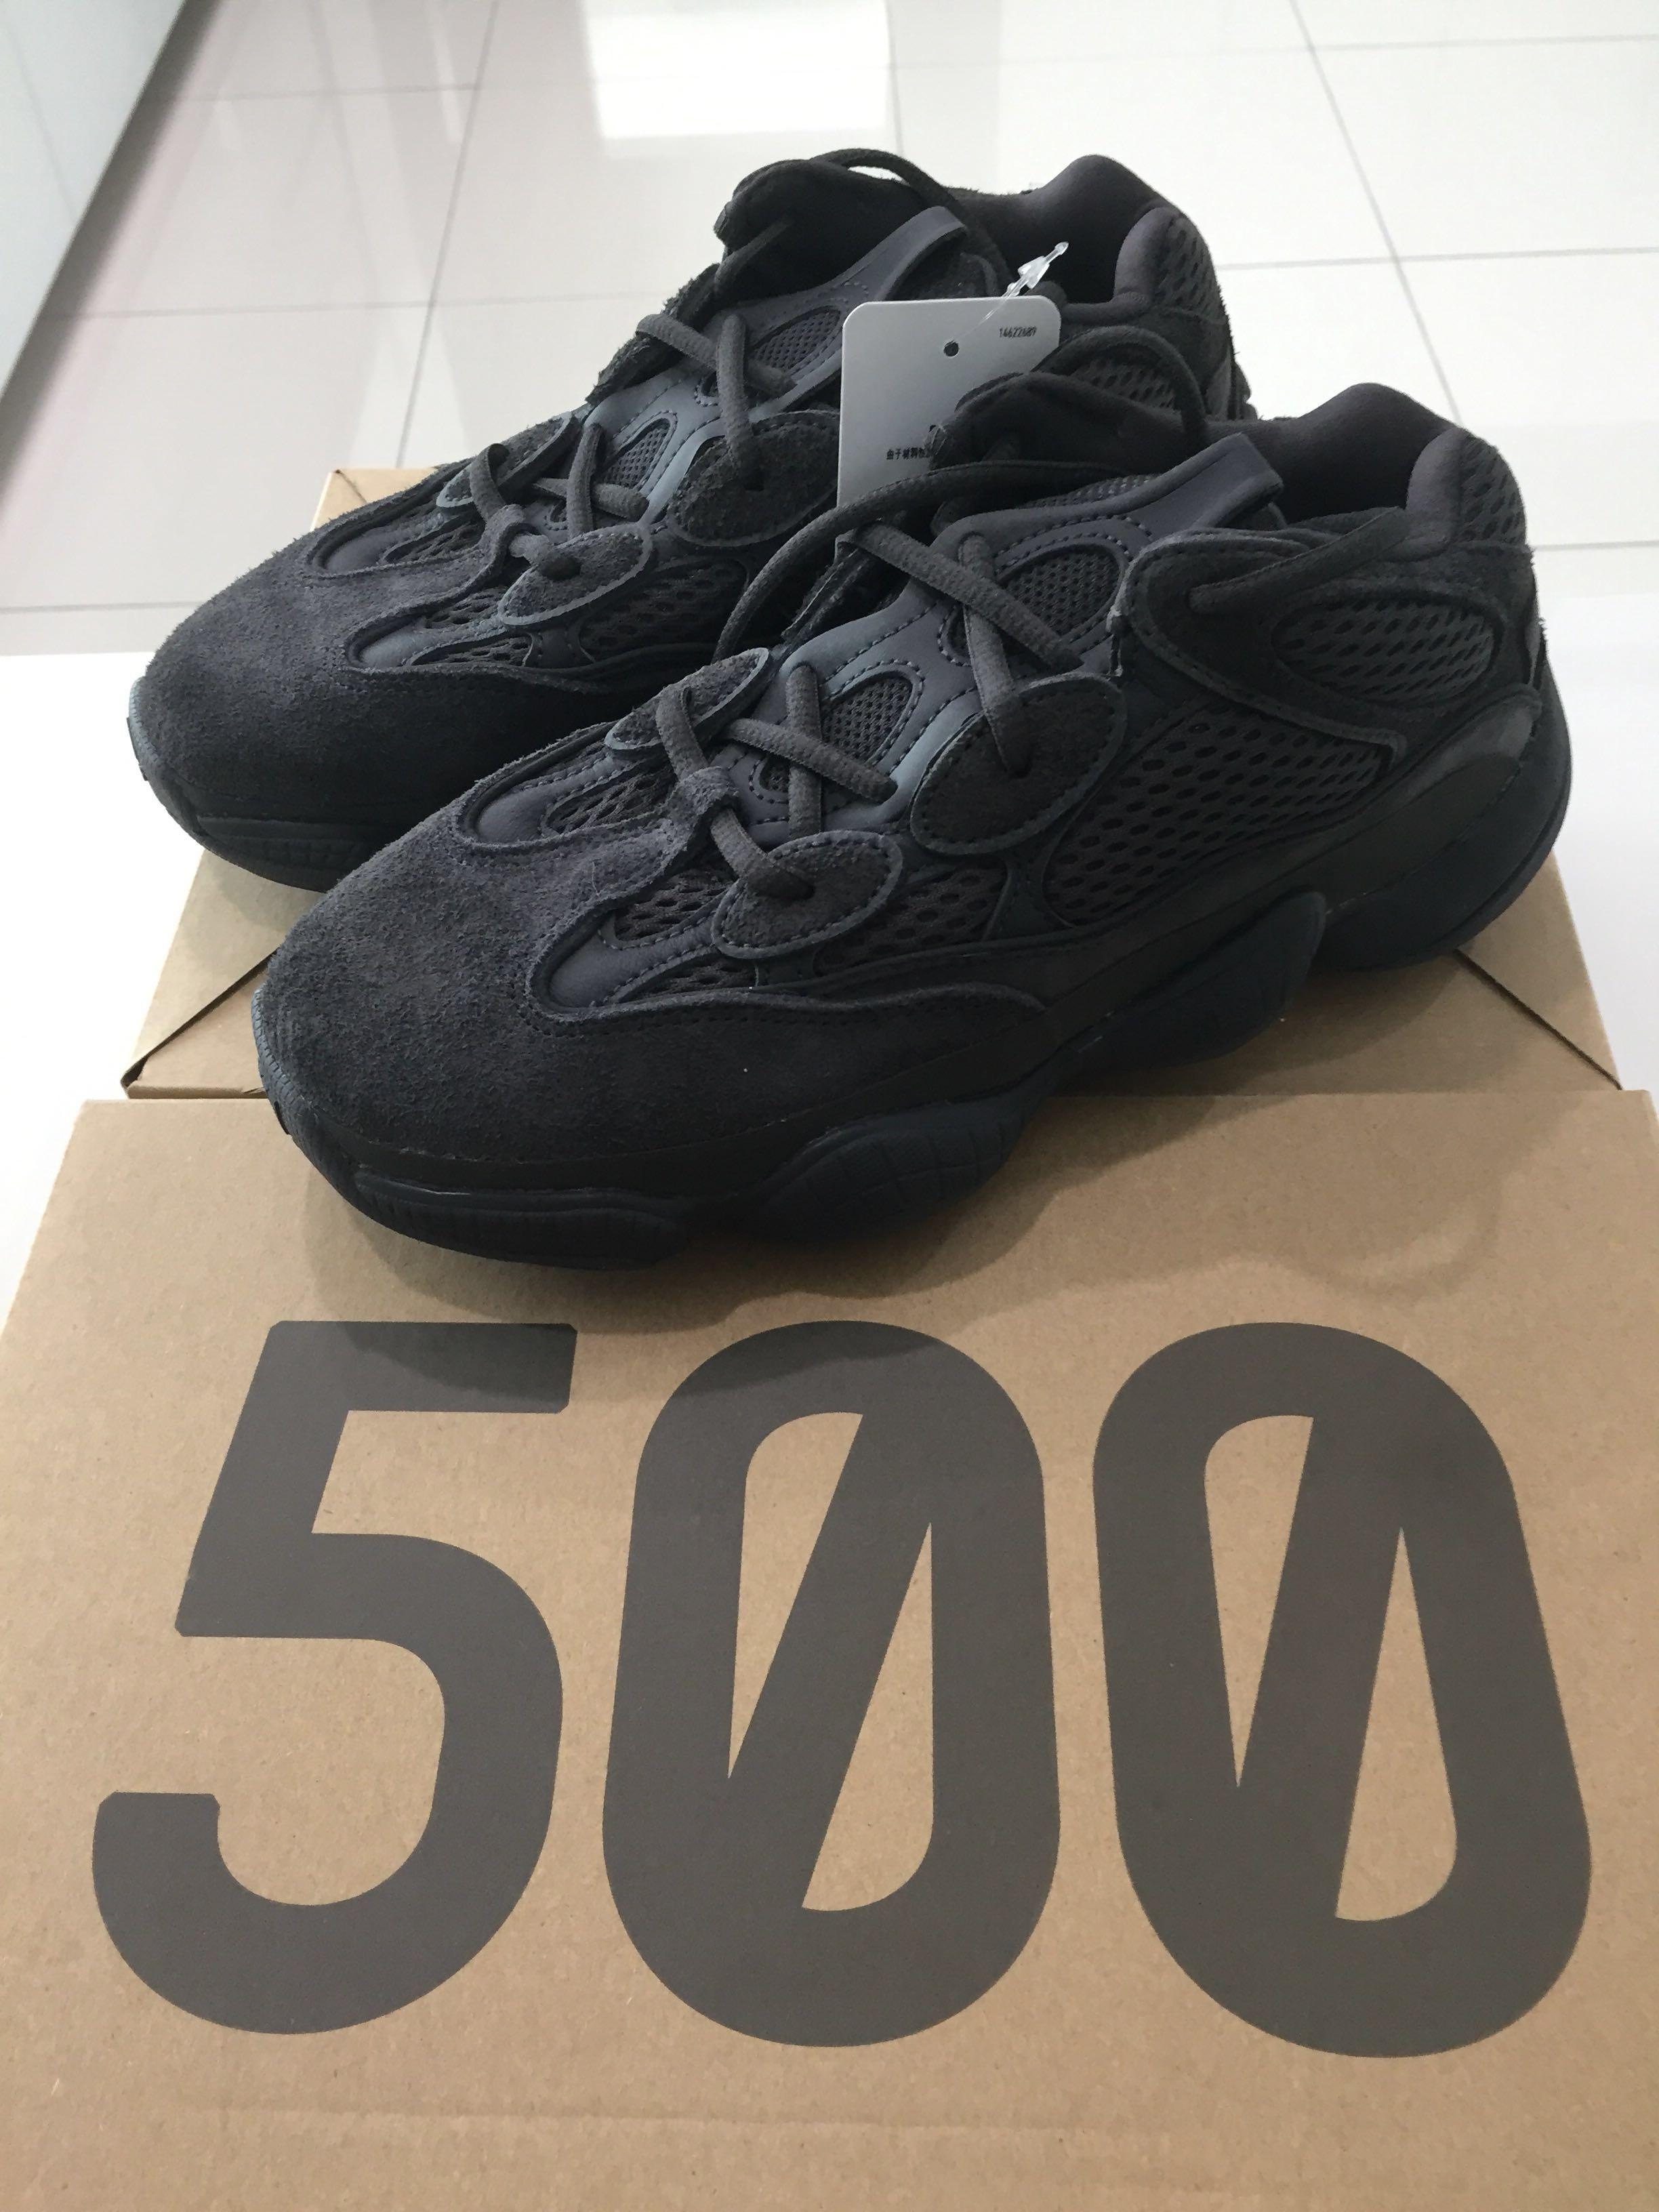 bd866a075 Adidas Yeezy 500 Utility Black F36640